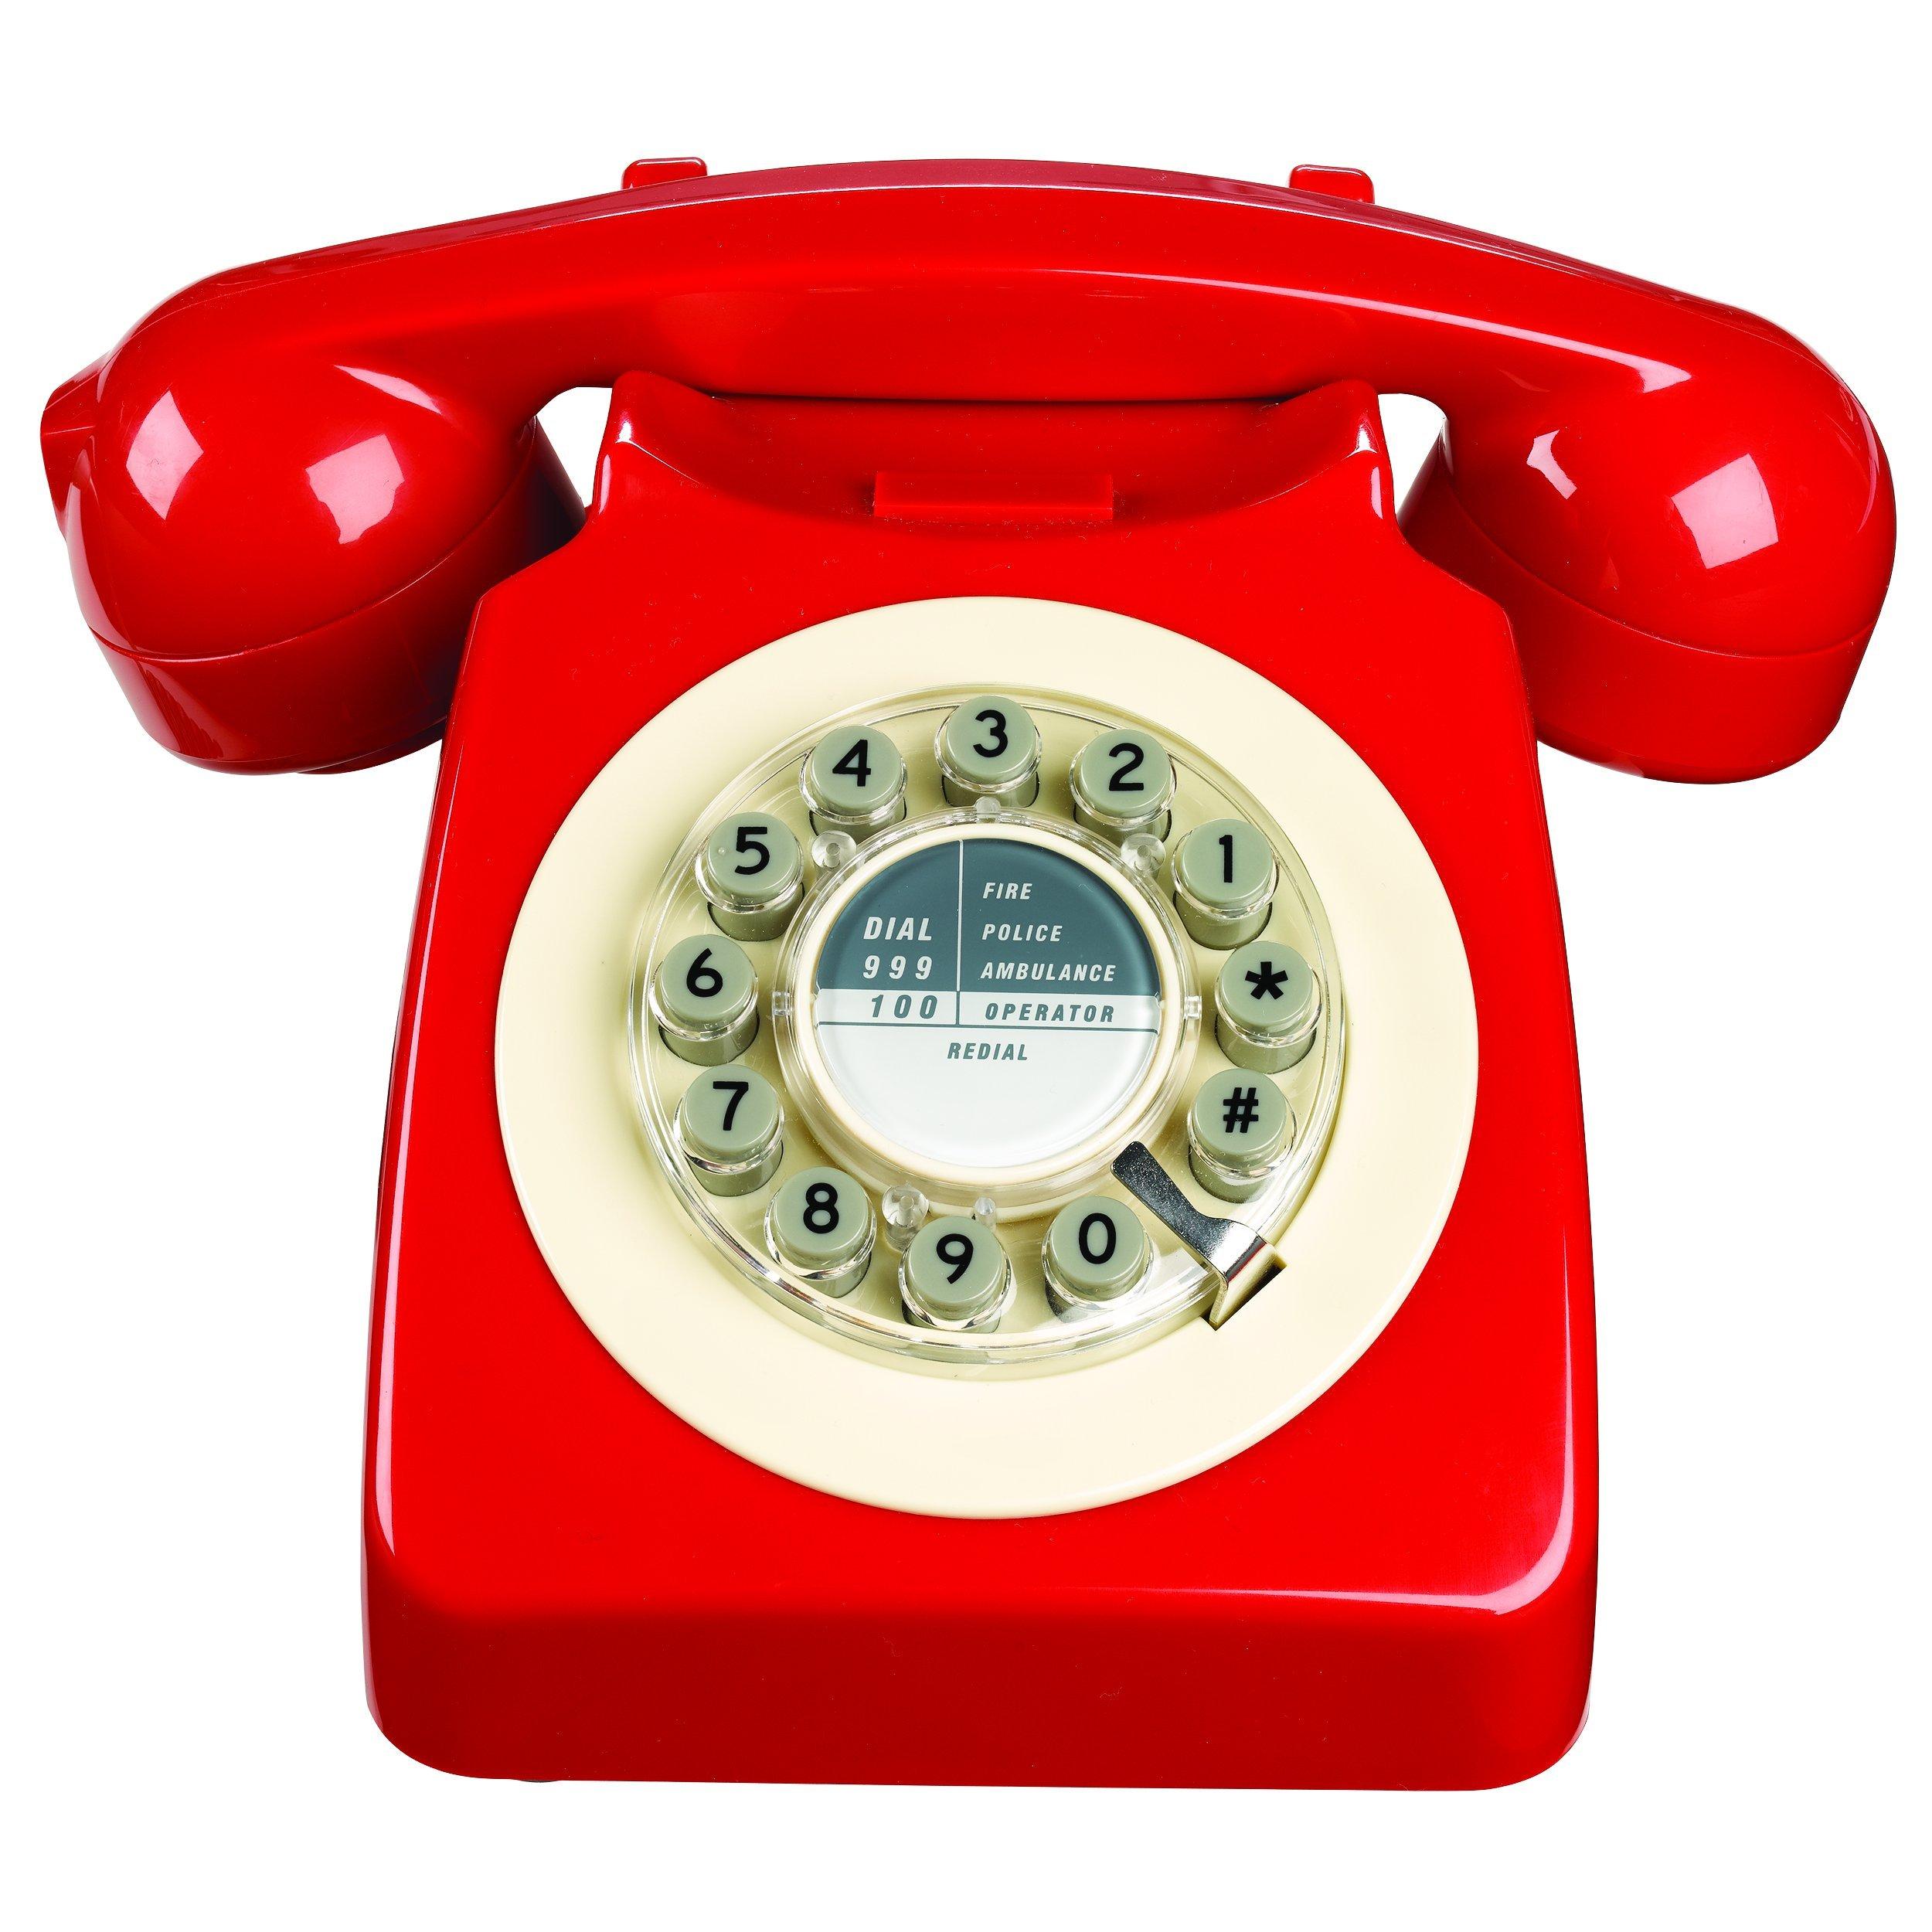 746のレプリカ電話1960古典的なデザイン - 赤いボックスのサイズレッド